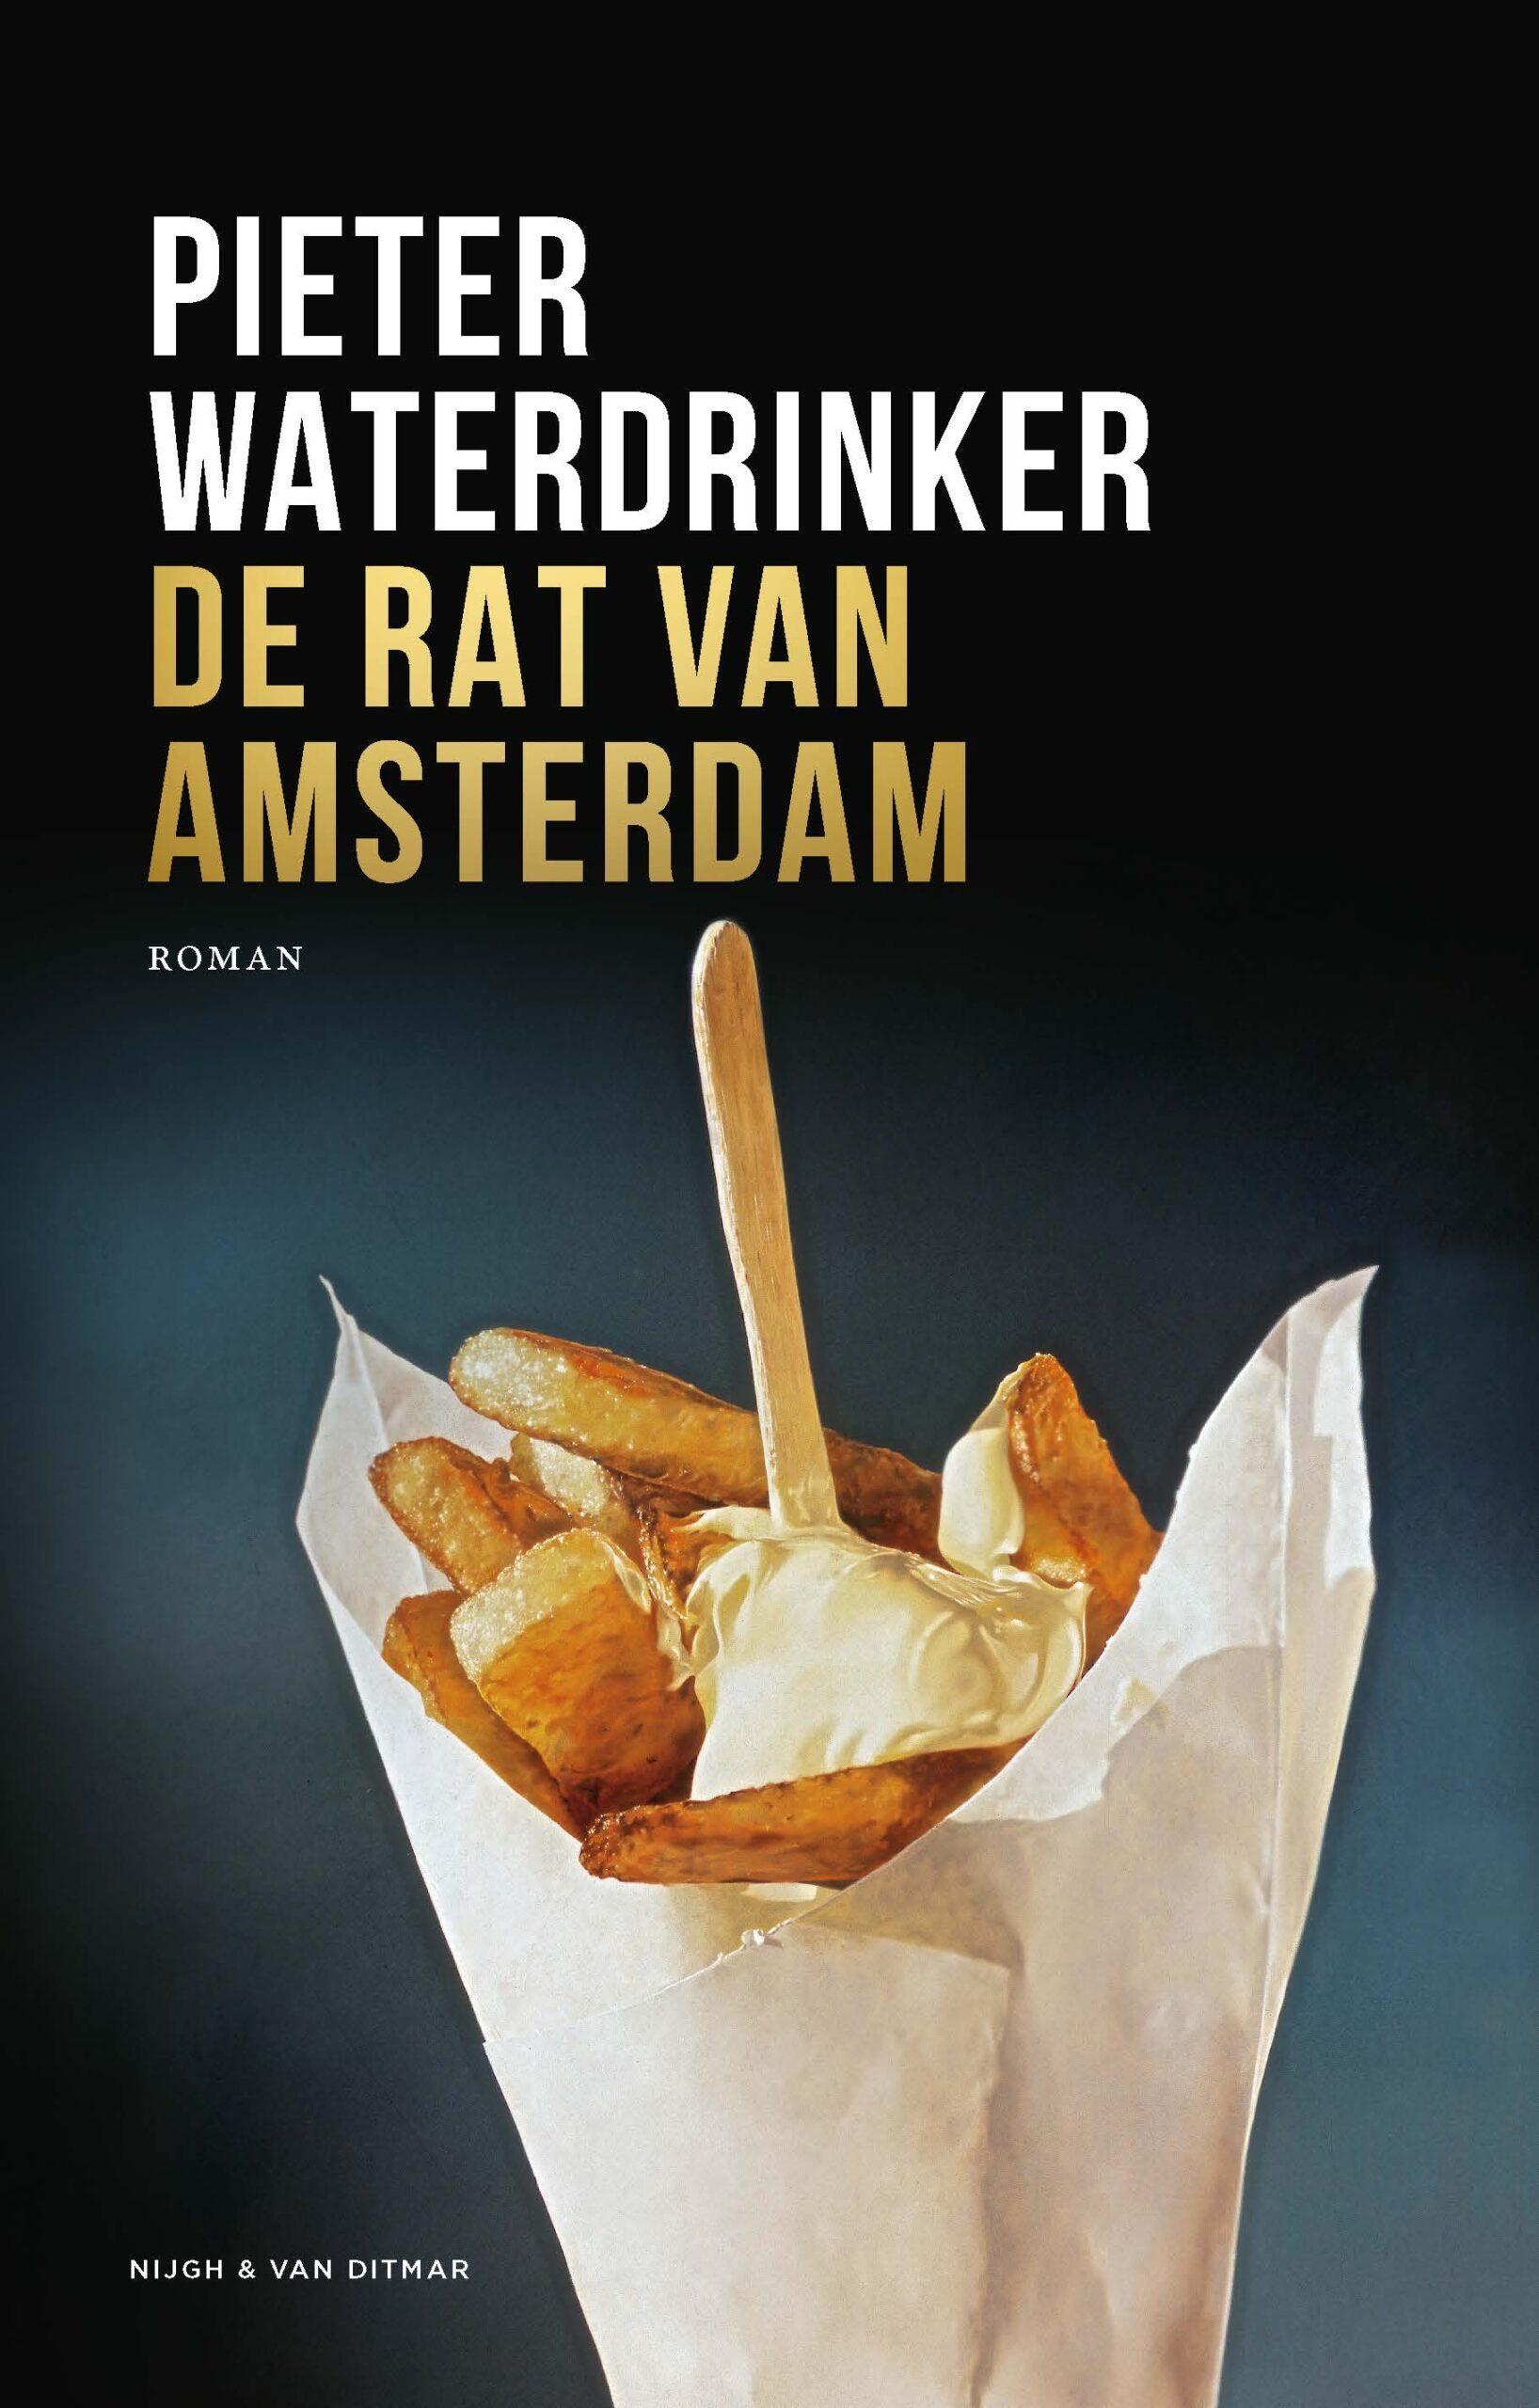 De rat van Amsterdam - boekenflits.nl